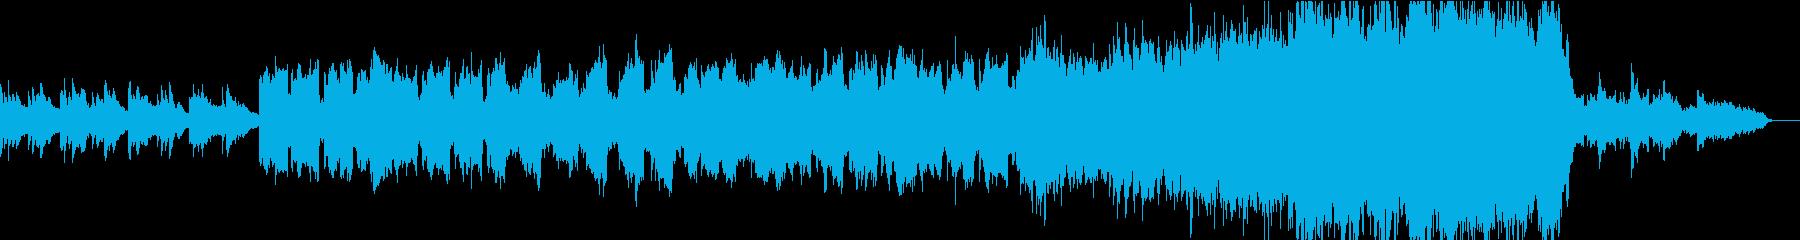 しっとりとした優しい映像用バラードの再生済みの波形